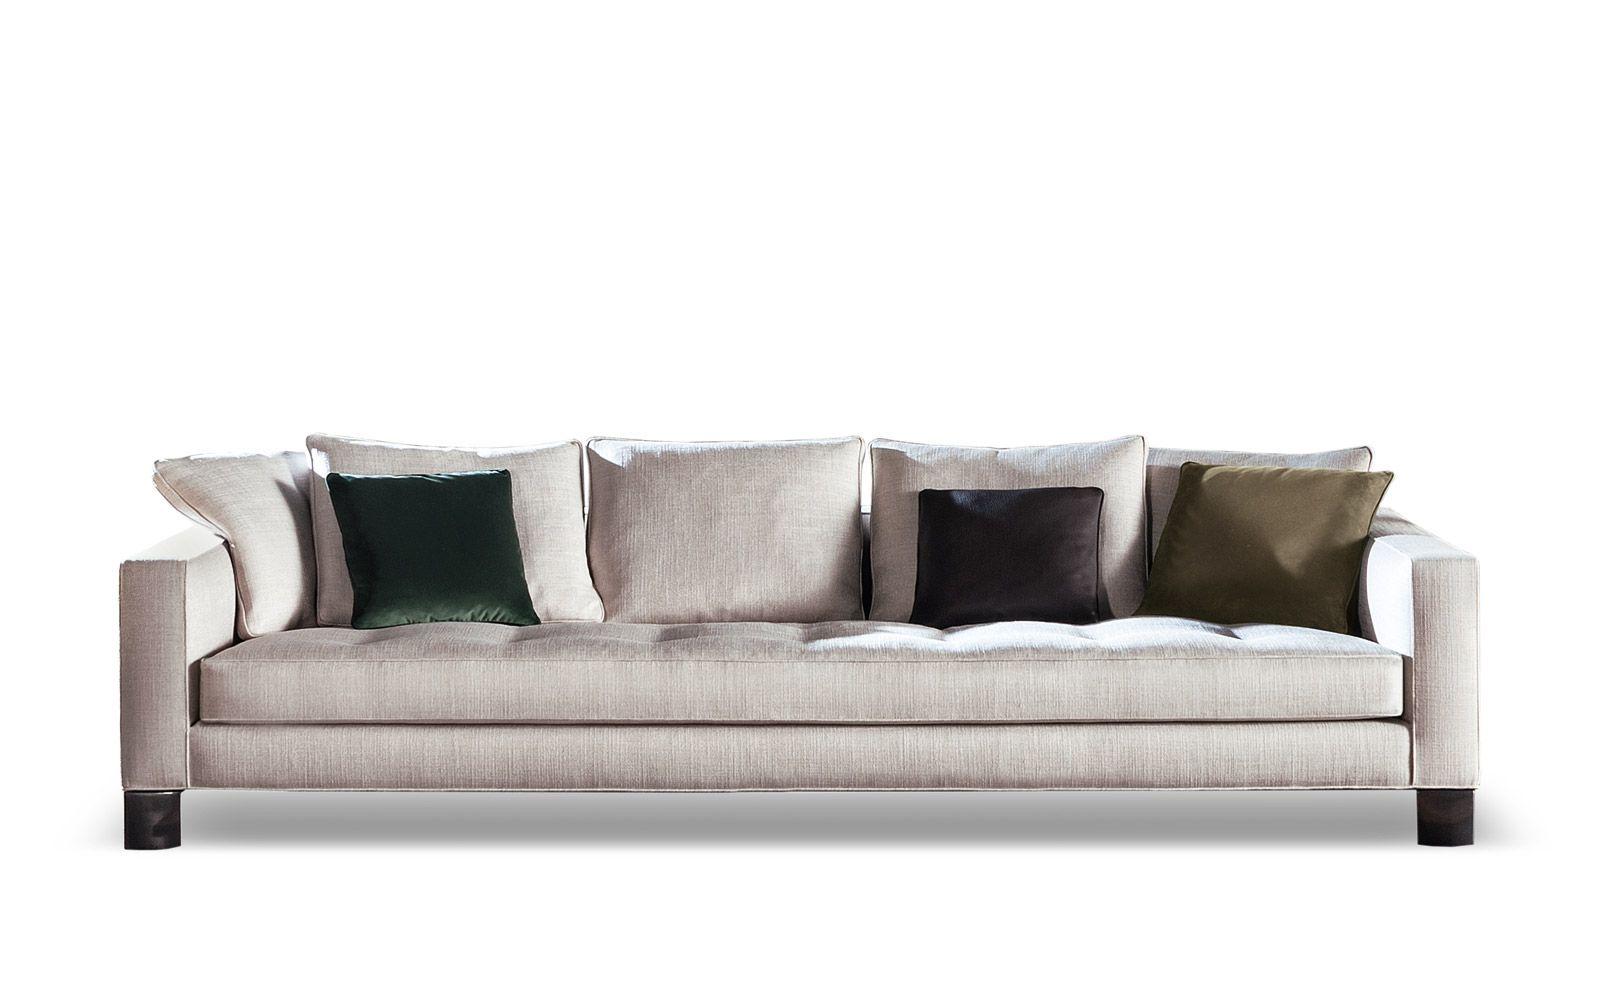 minotti sofas australia poltrone e sofa divani relax prezzi pollock sultanpur in 2018 pinterest